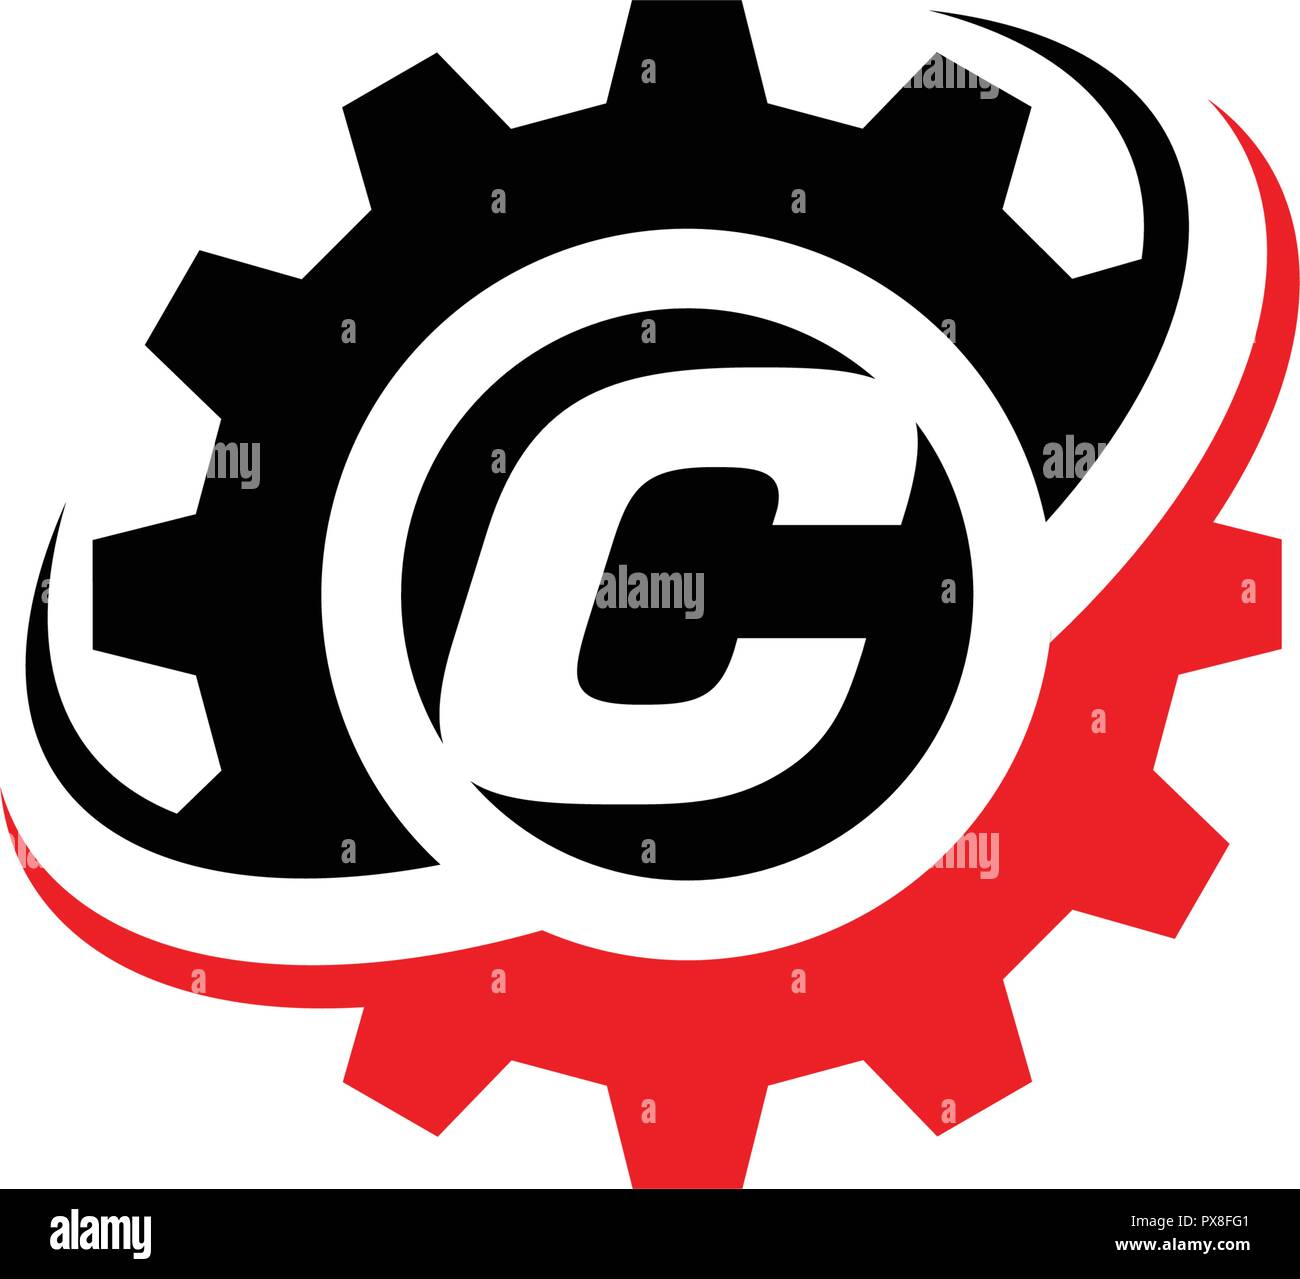 letter c gear logo design template stock vector art illustration